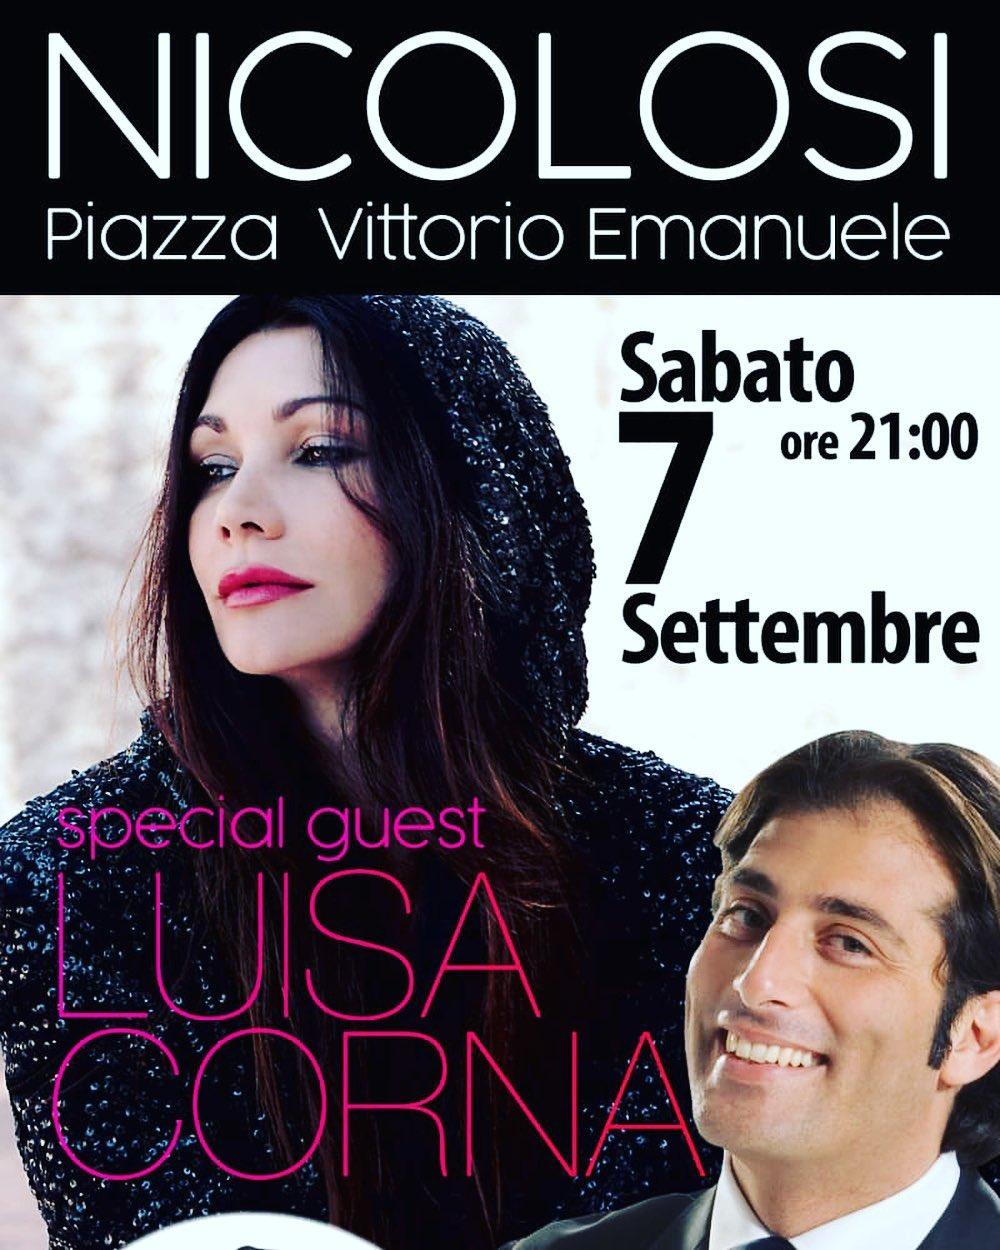 """7 SETTEMBRE 2019 """"ETNA GLAMUR 2019"""" A NICOLOSI (SICILIA)"""